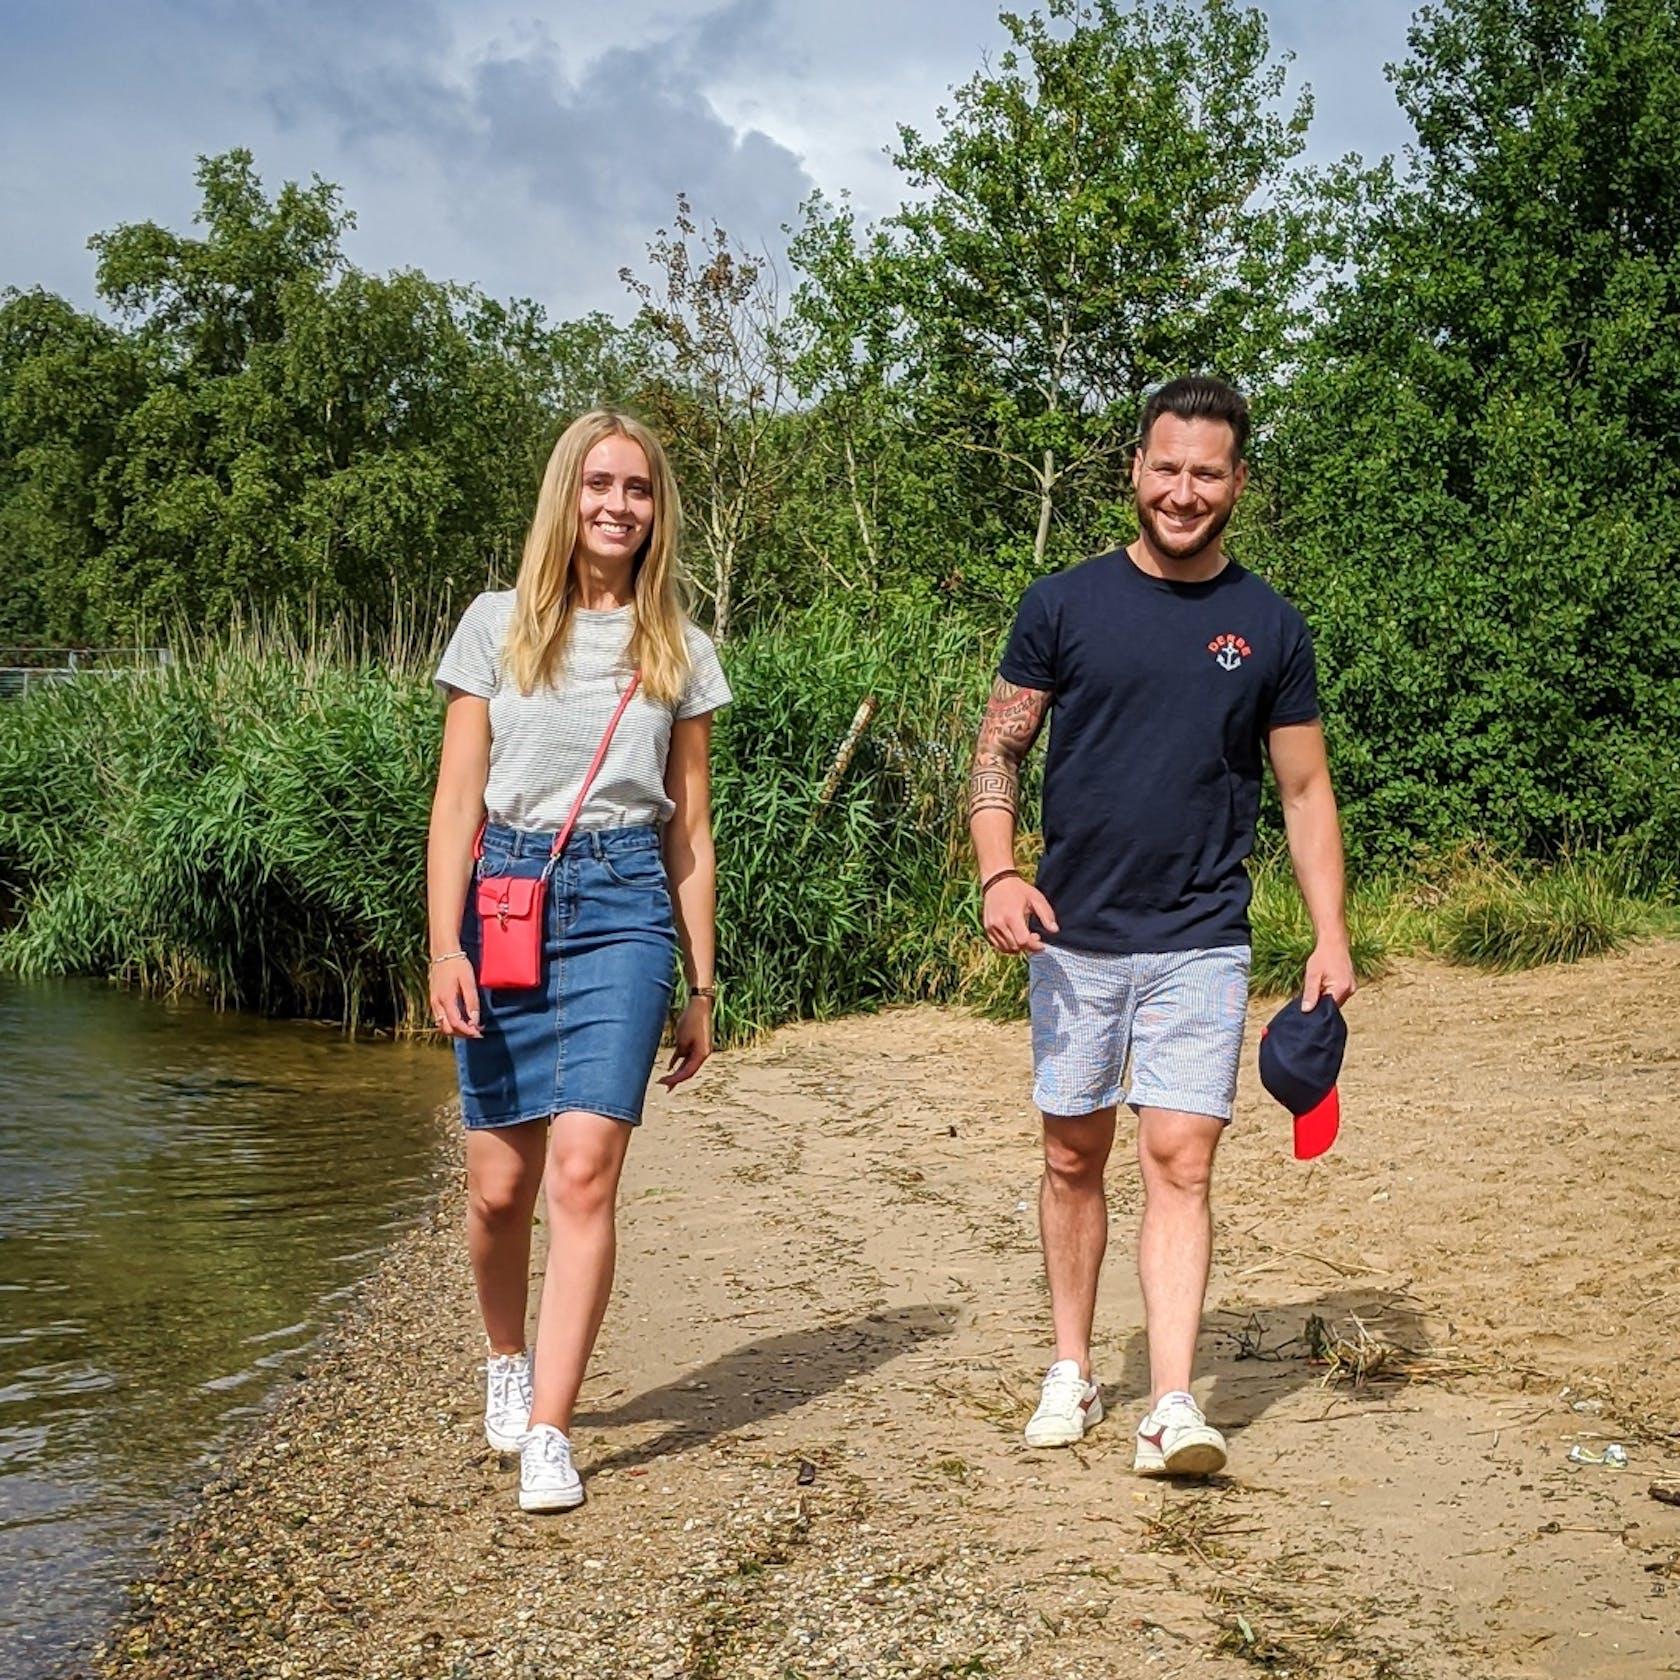 Mann und Frau zeigen Trend Outfits am Strand